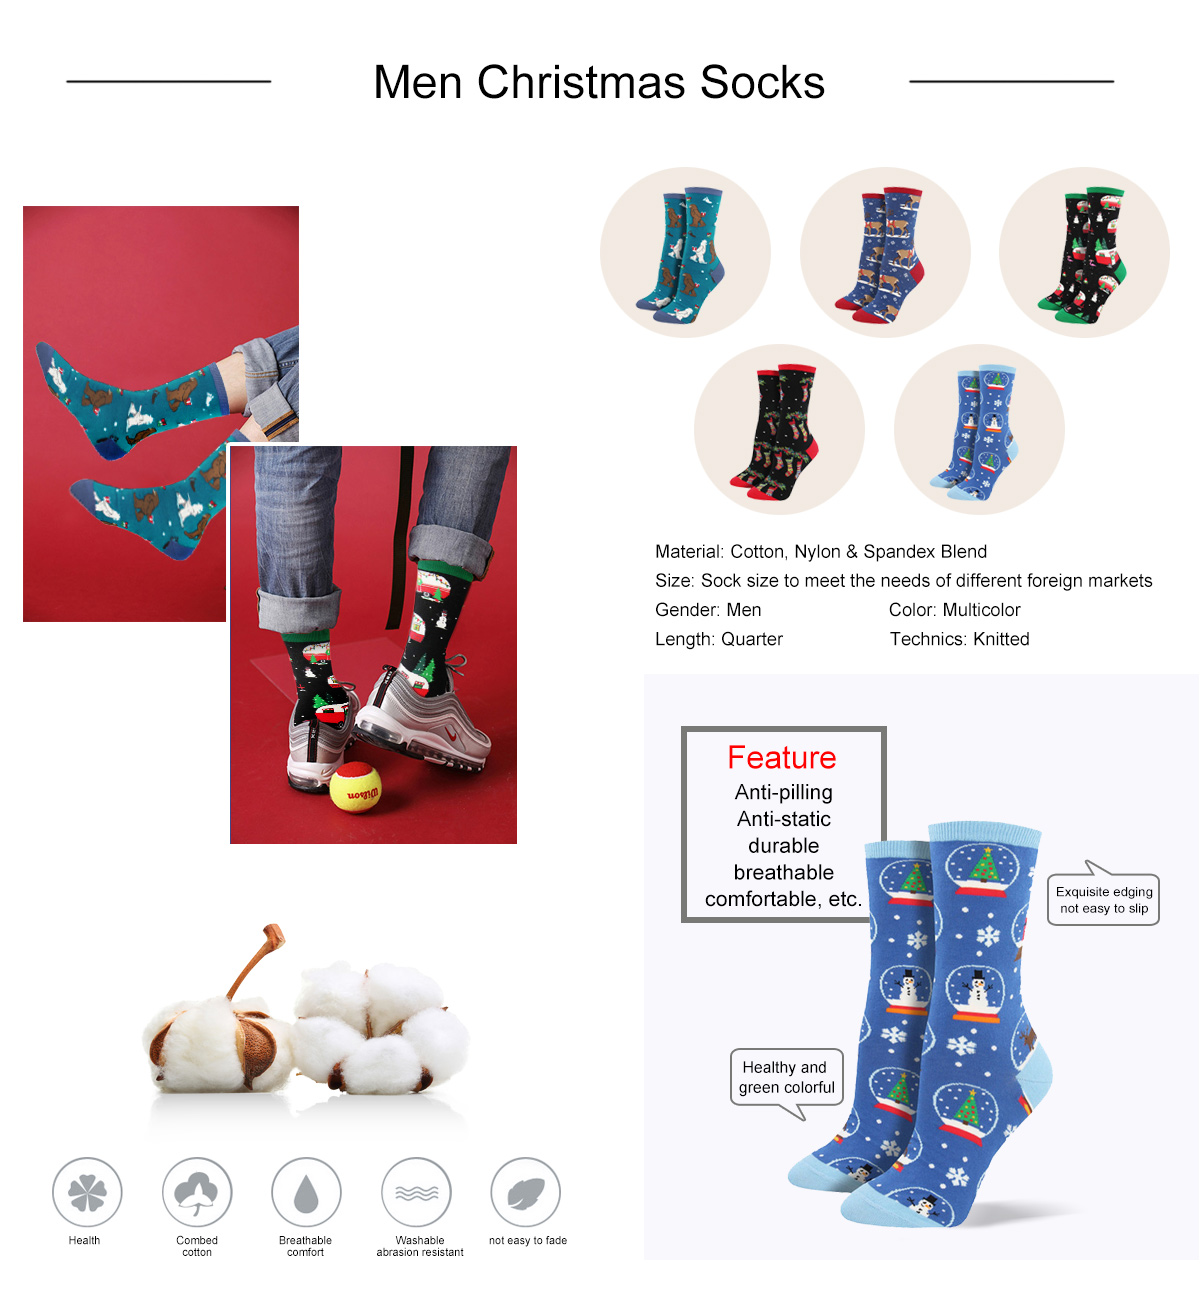 Men Christmas Socks